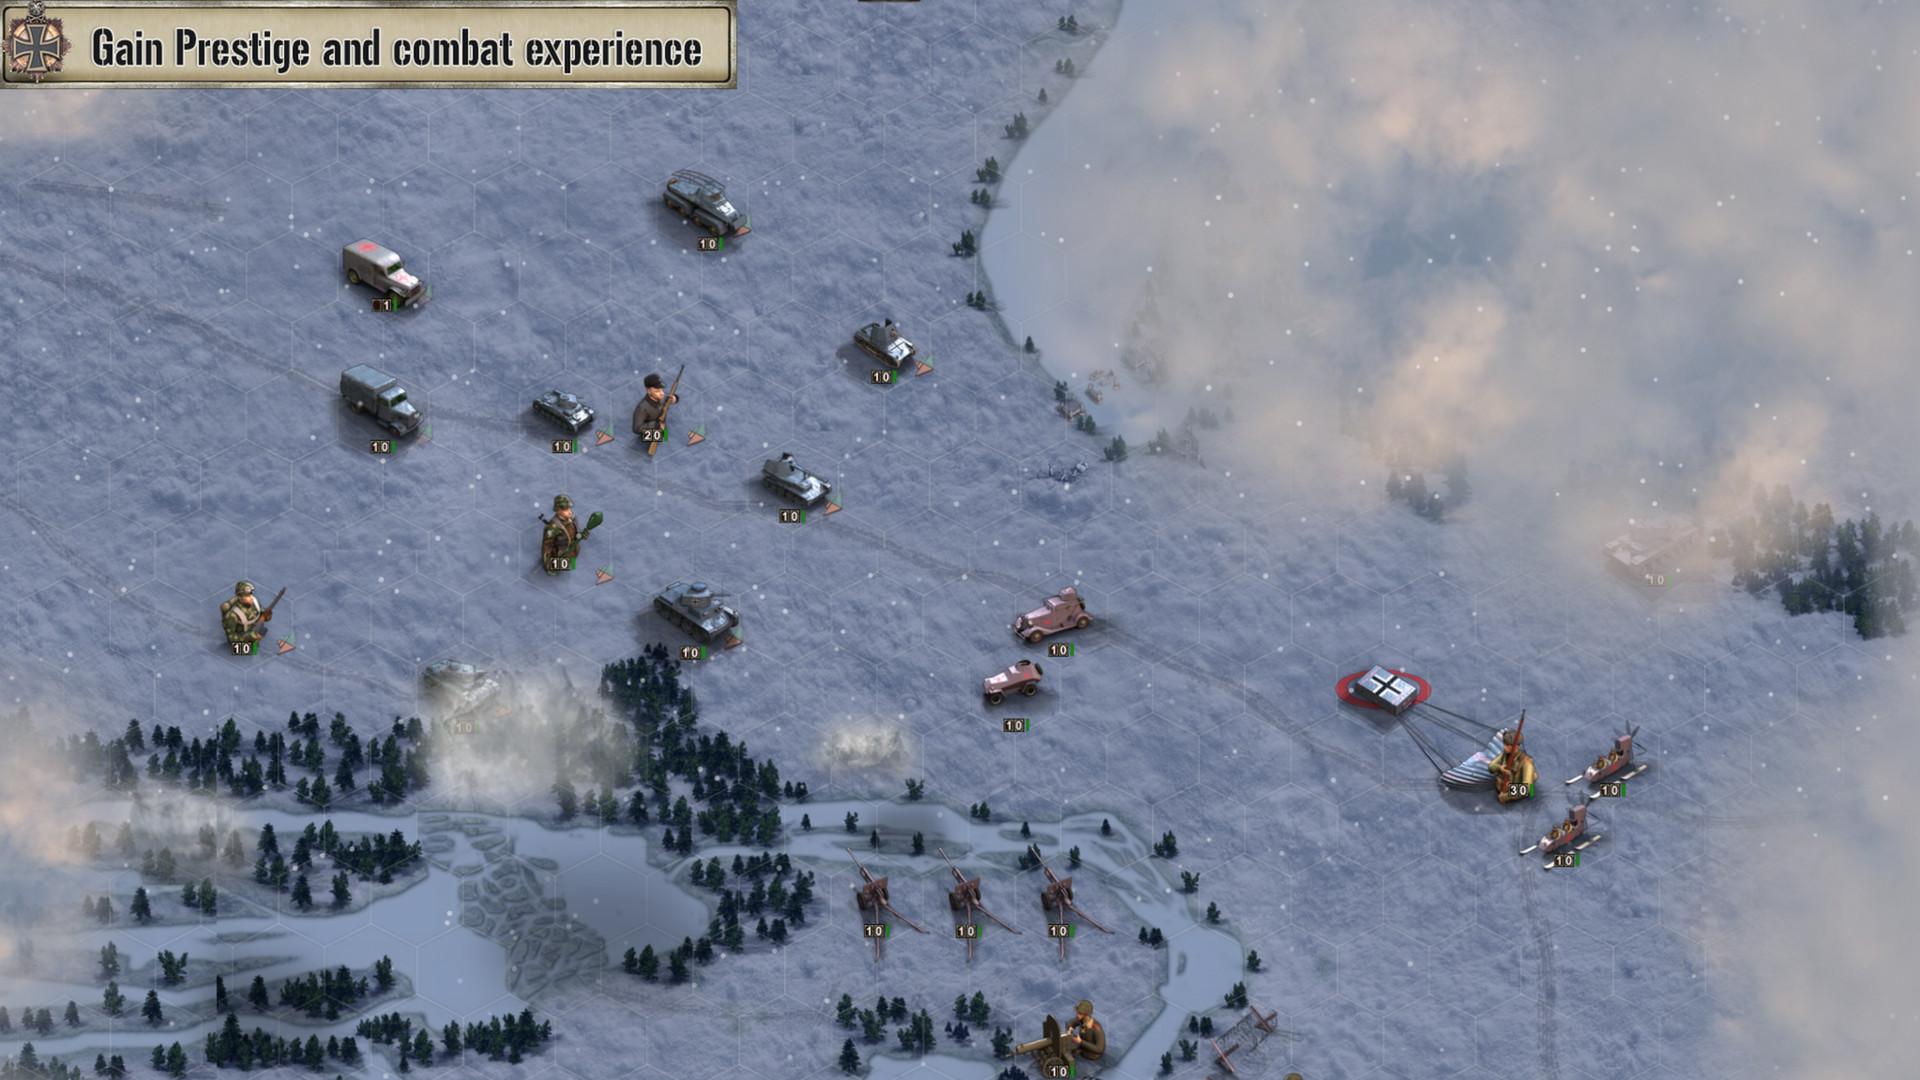 الإستراتيجية الرائعة Frontline Road Moscow ss_b3c4ce03adb5b5fef